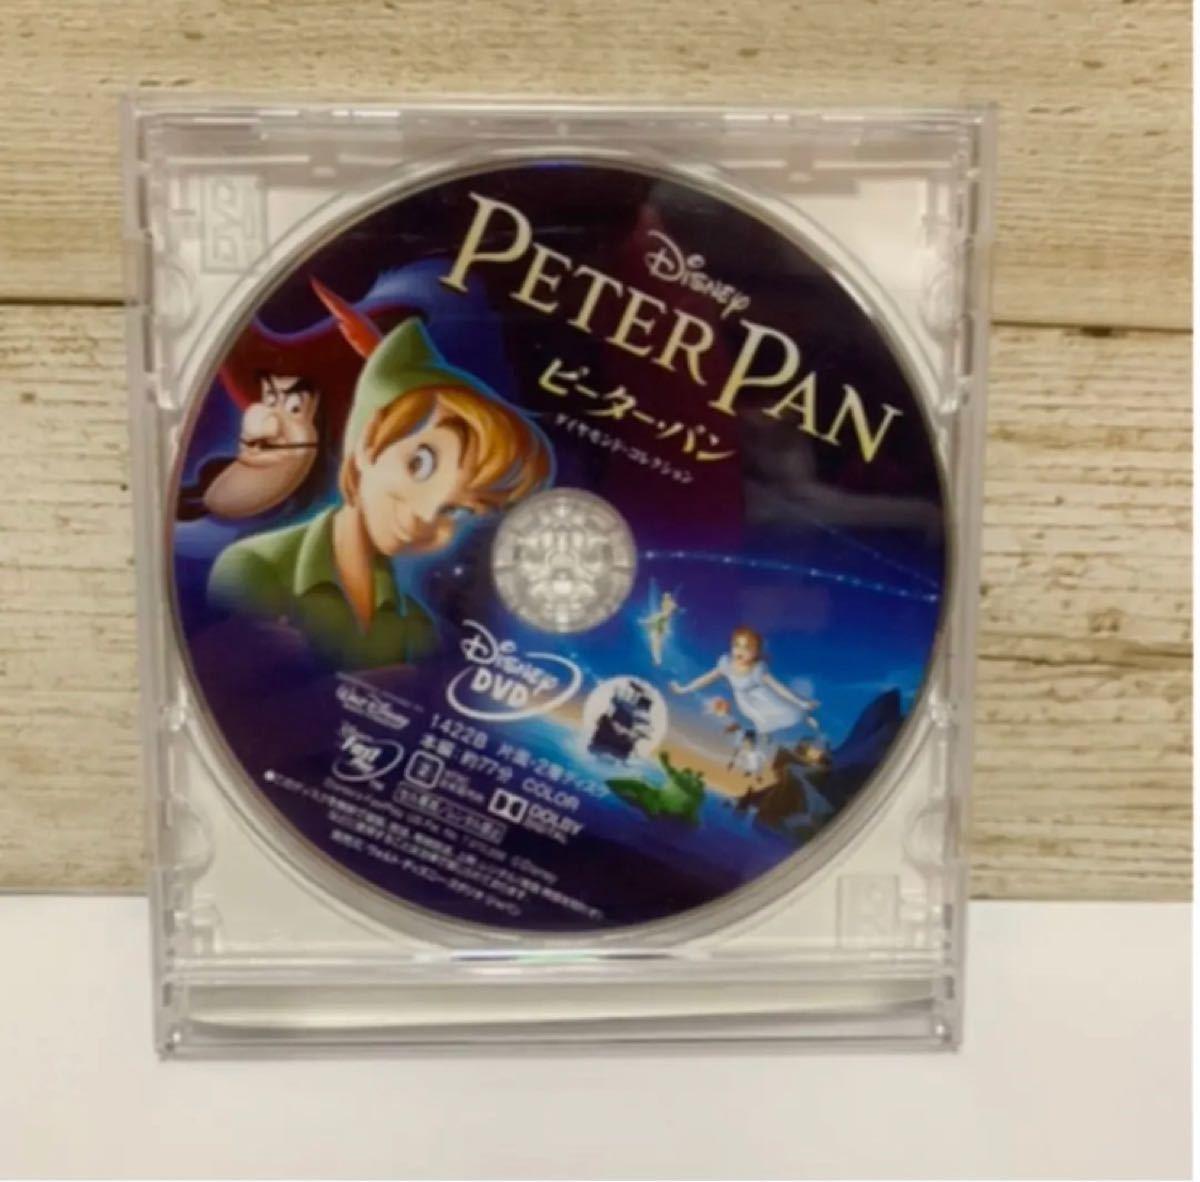 ピーターパン ダイヤモンド・コレクション MovieNEX('53米)DVDのみ